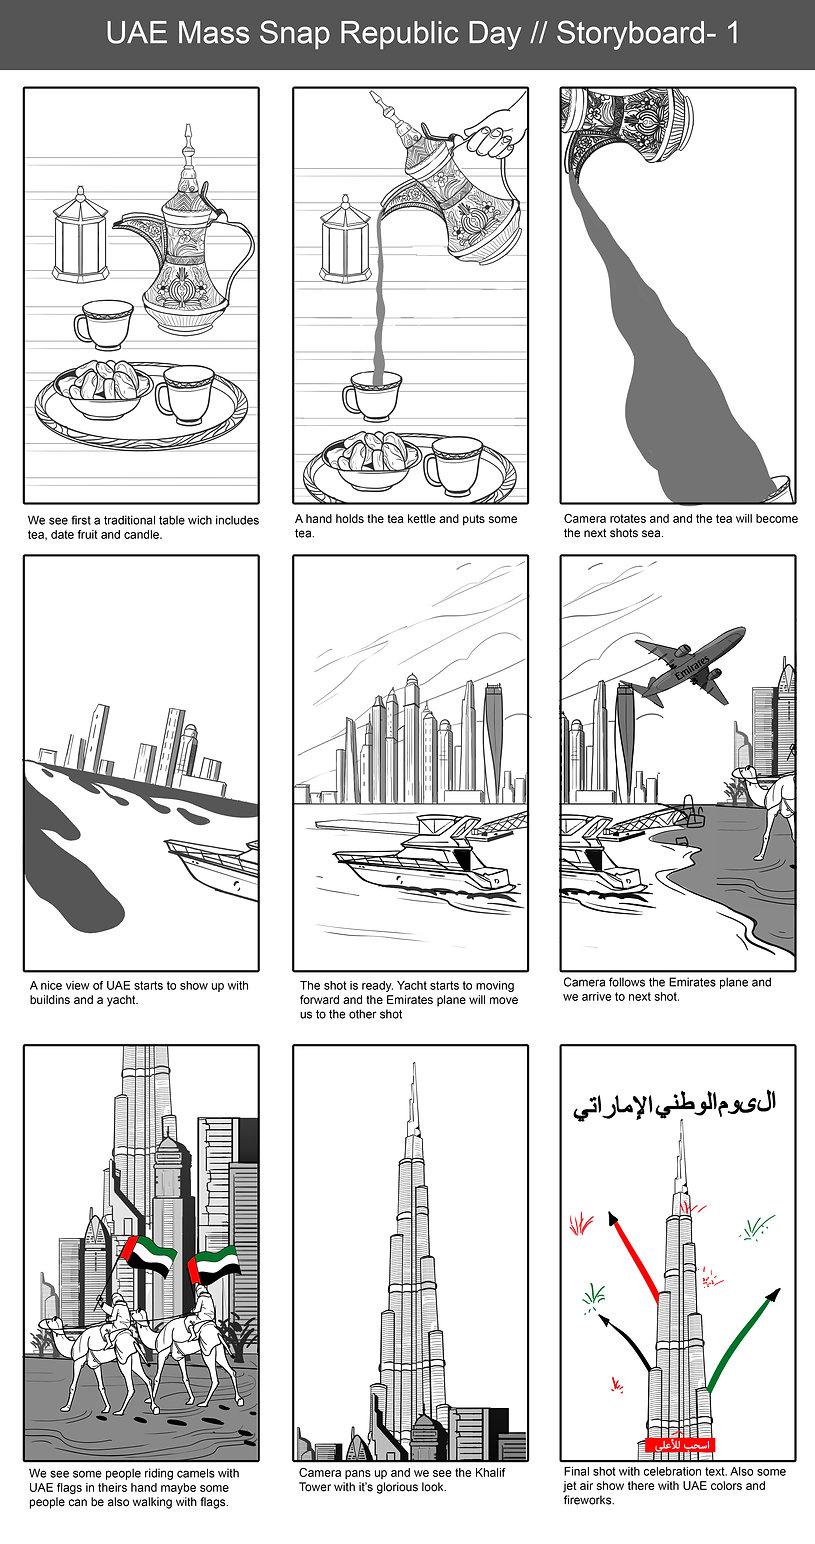 UAE_RepublicDay_STB01.jpg